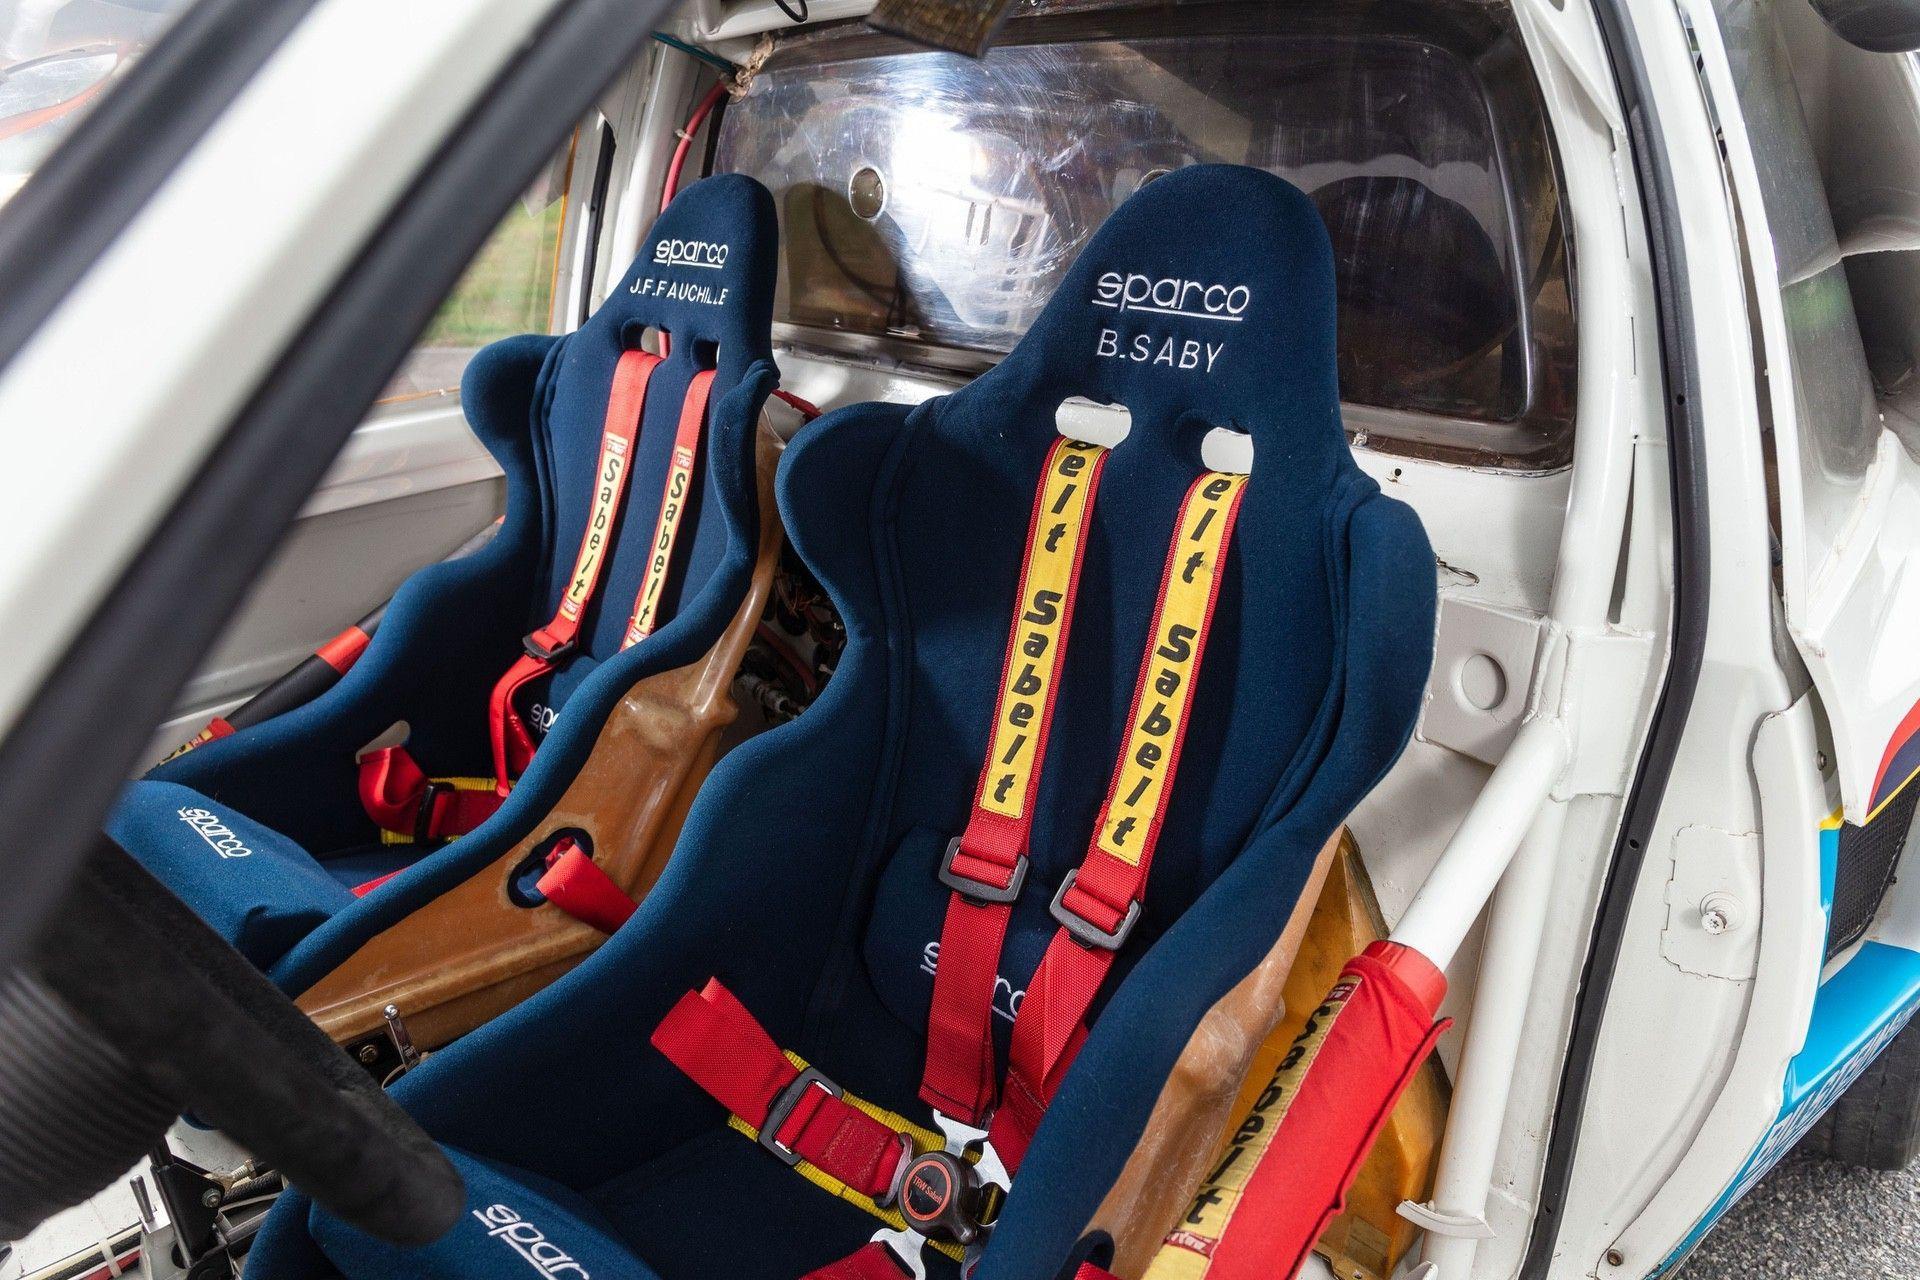 1985_Peugeot_205_Turbo_16_Evolution_2_sale-0032